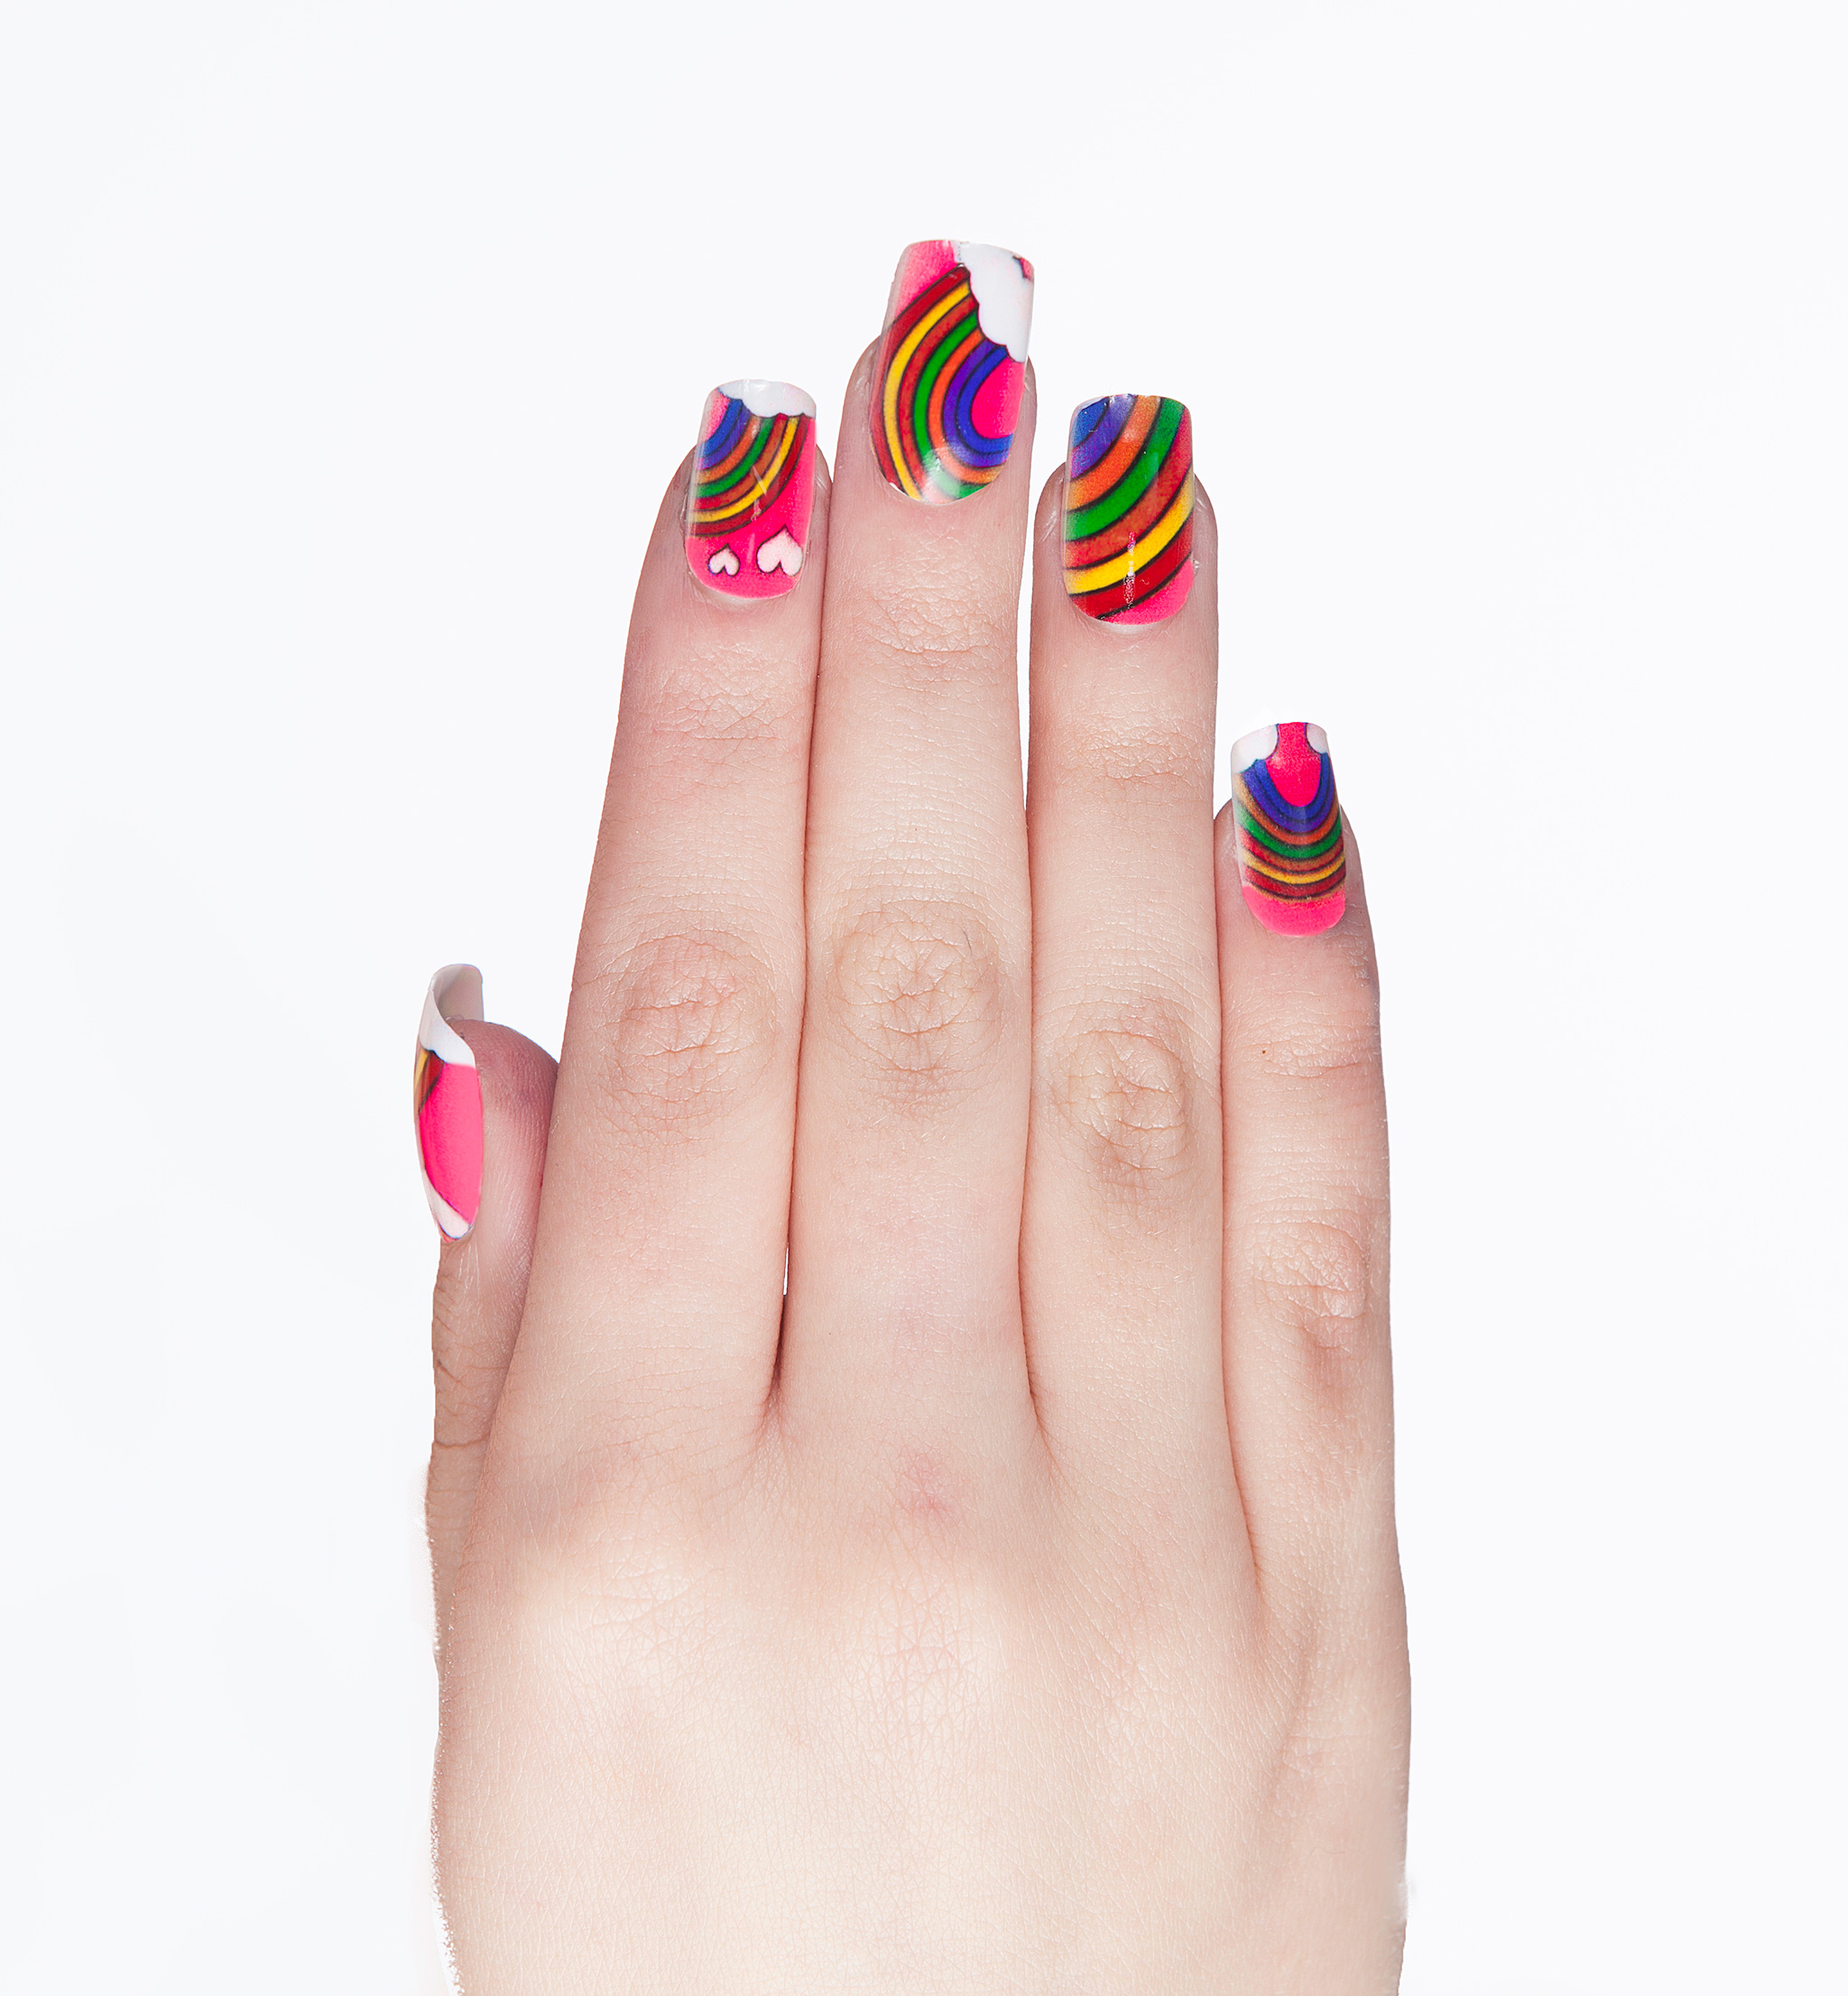 Fingernails2go Digital Nail Art Designs For More Information